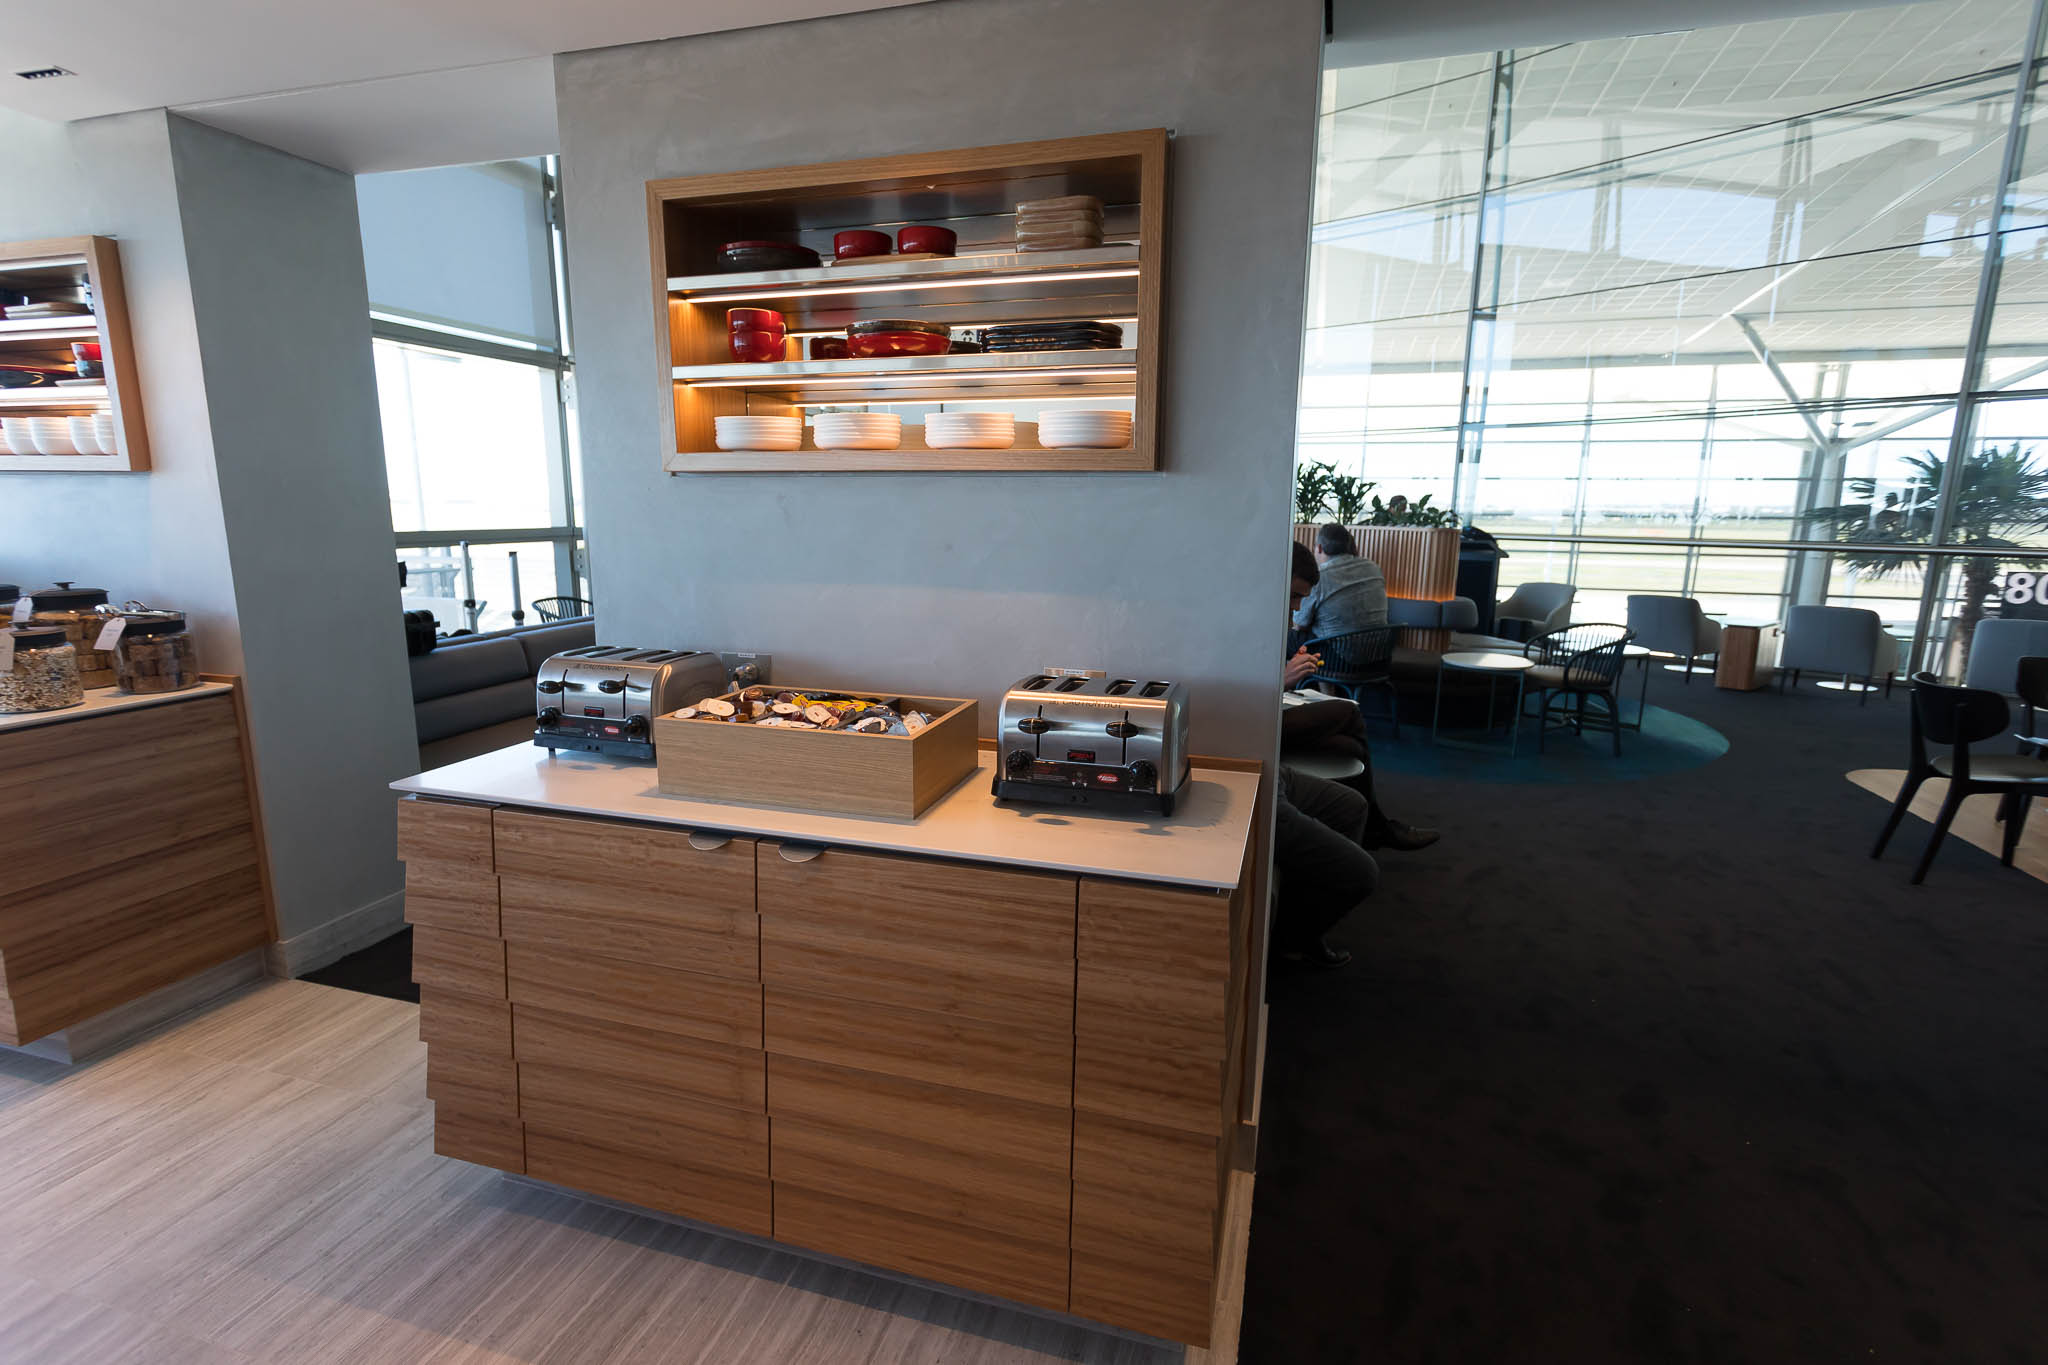 Qantas Brisbane International Lounge Food Area